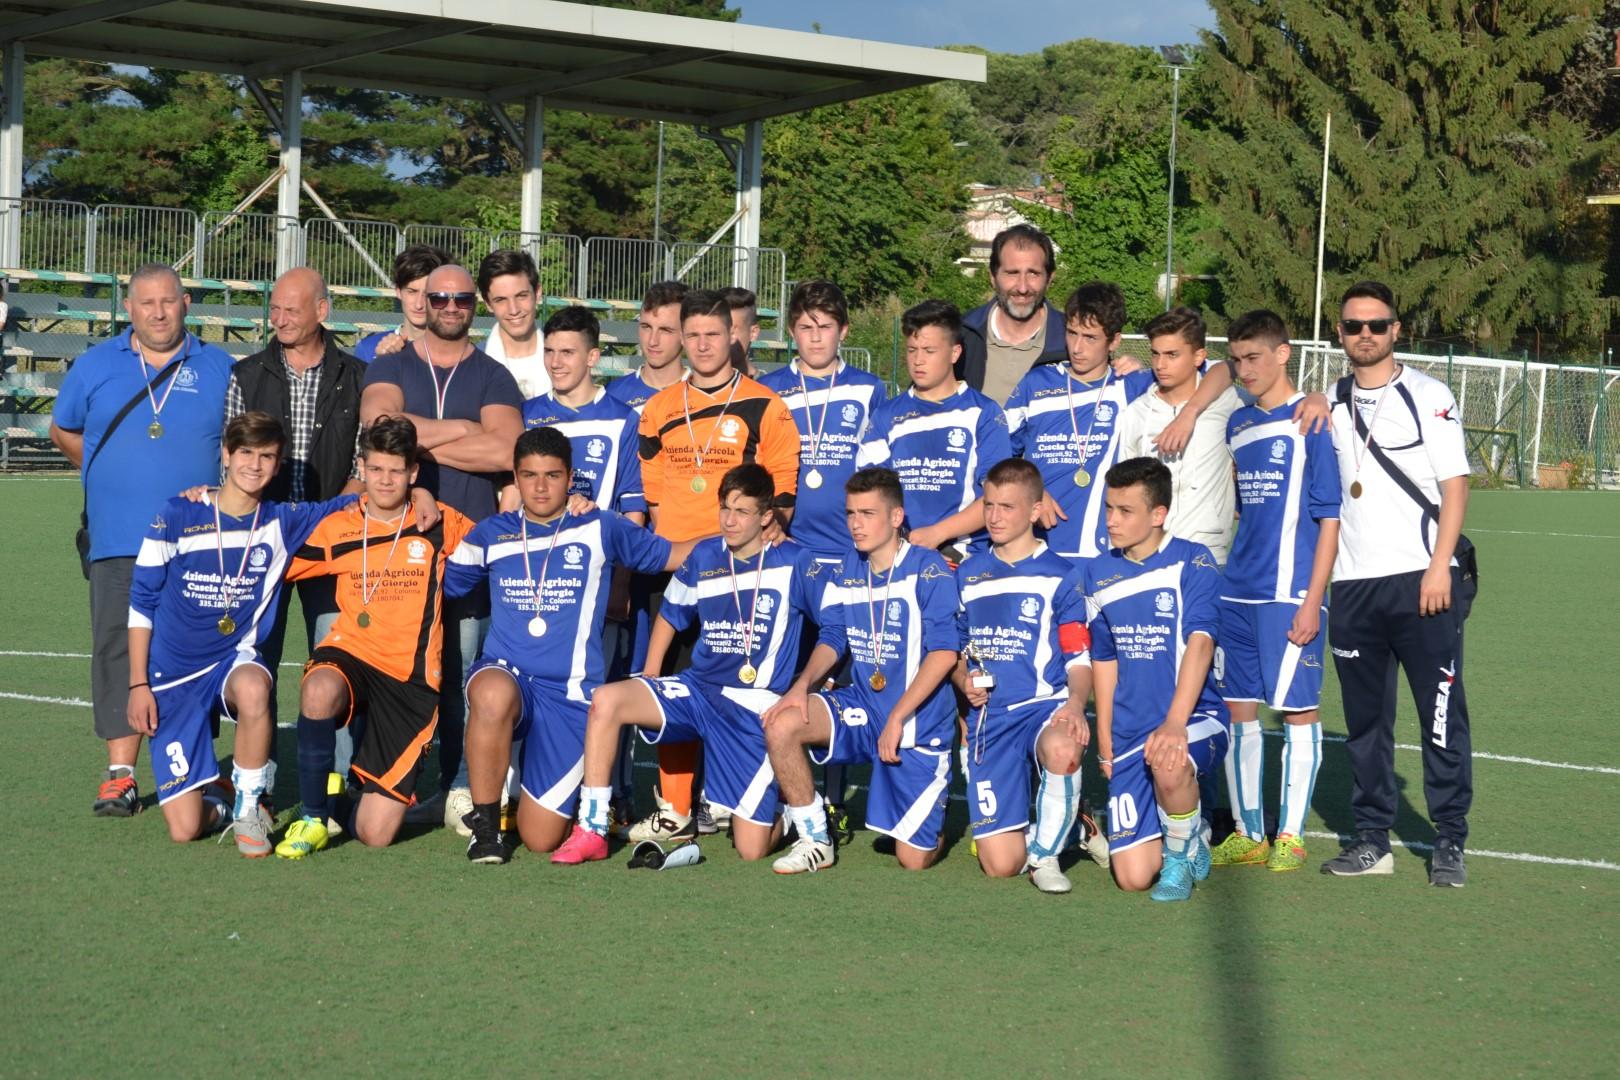 Ssd Colonna, si è chiusa la seconda edizione del torneo giovanile Colonna Cup